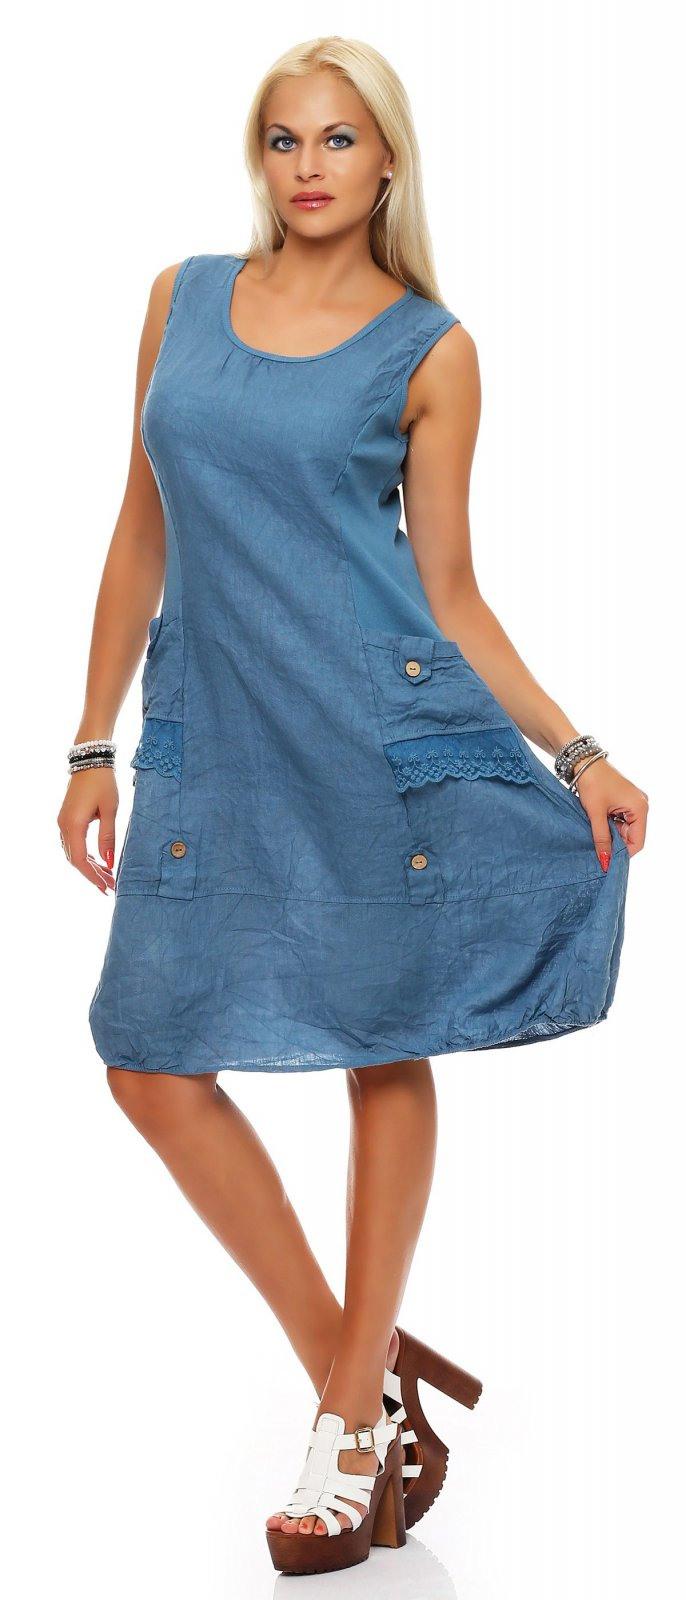 Damen Kleid Leinen Knielang Sommerkleid Schlupfkleid A